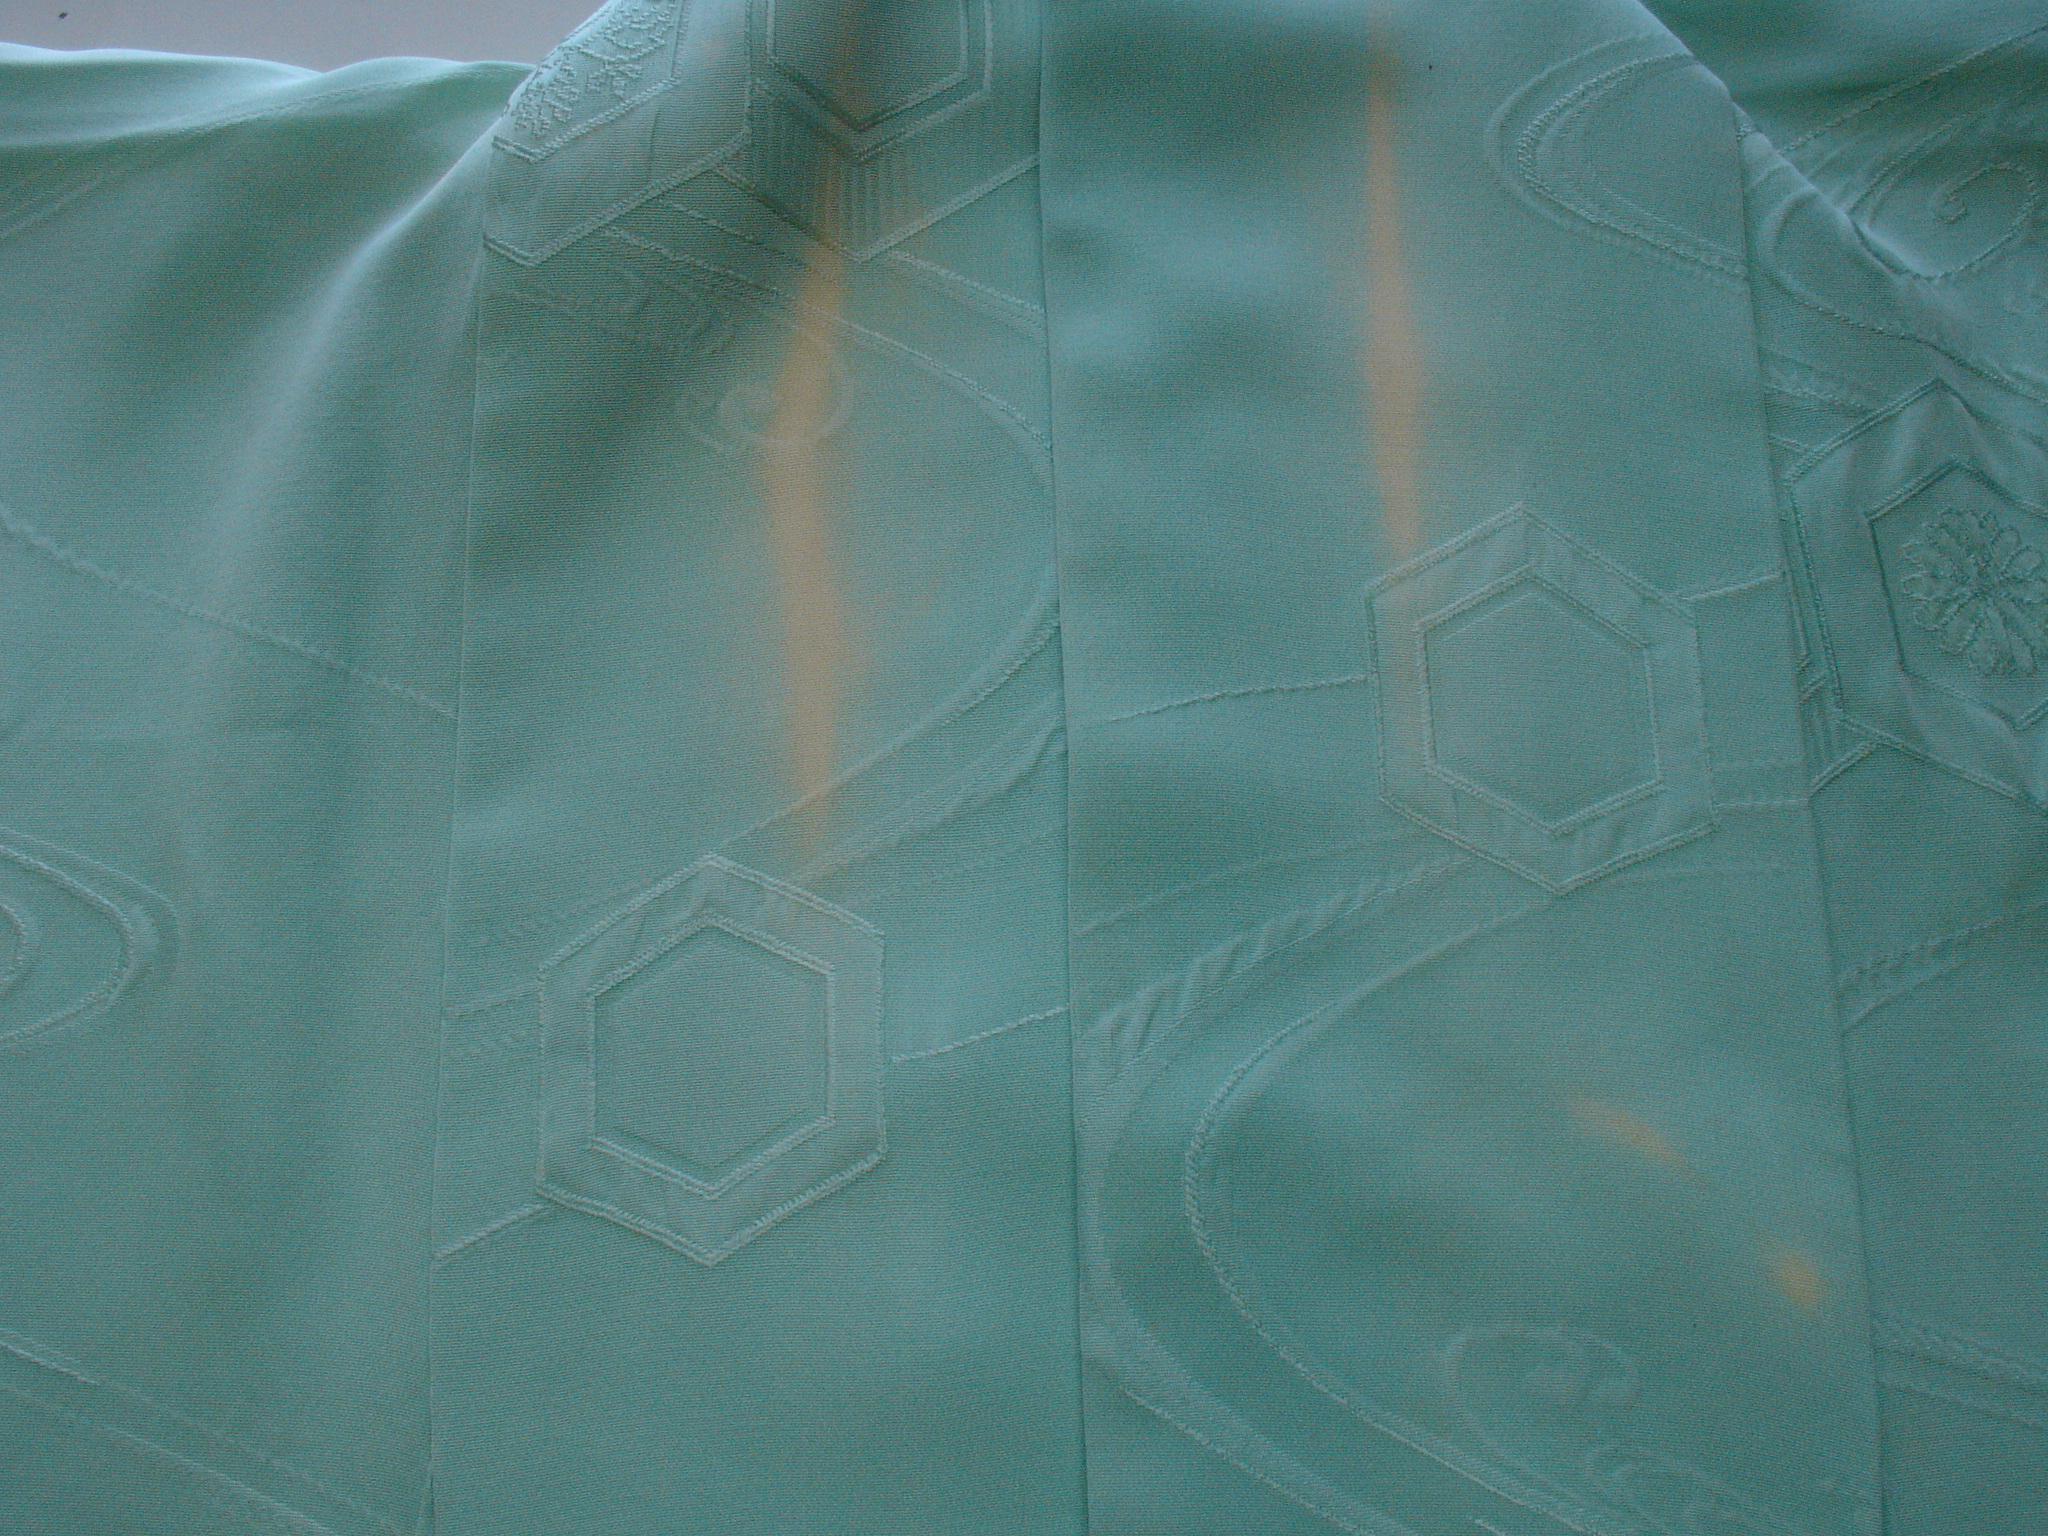 着用による衿の脱色BEFORE